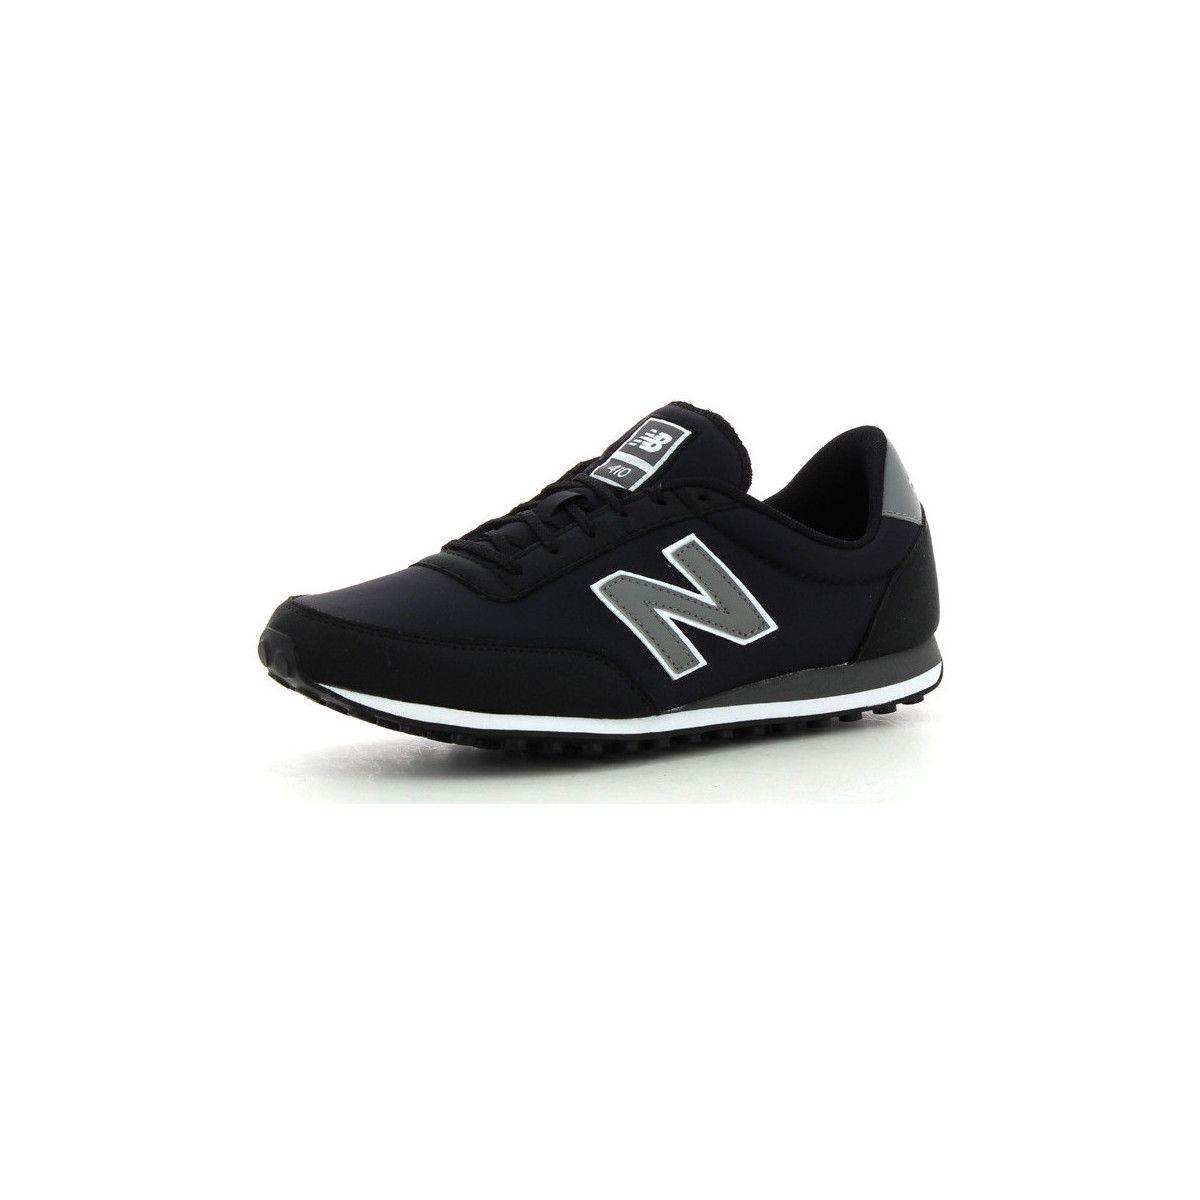 41606bb8d75d new balance u410 noir